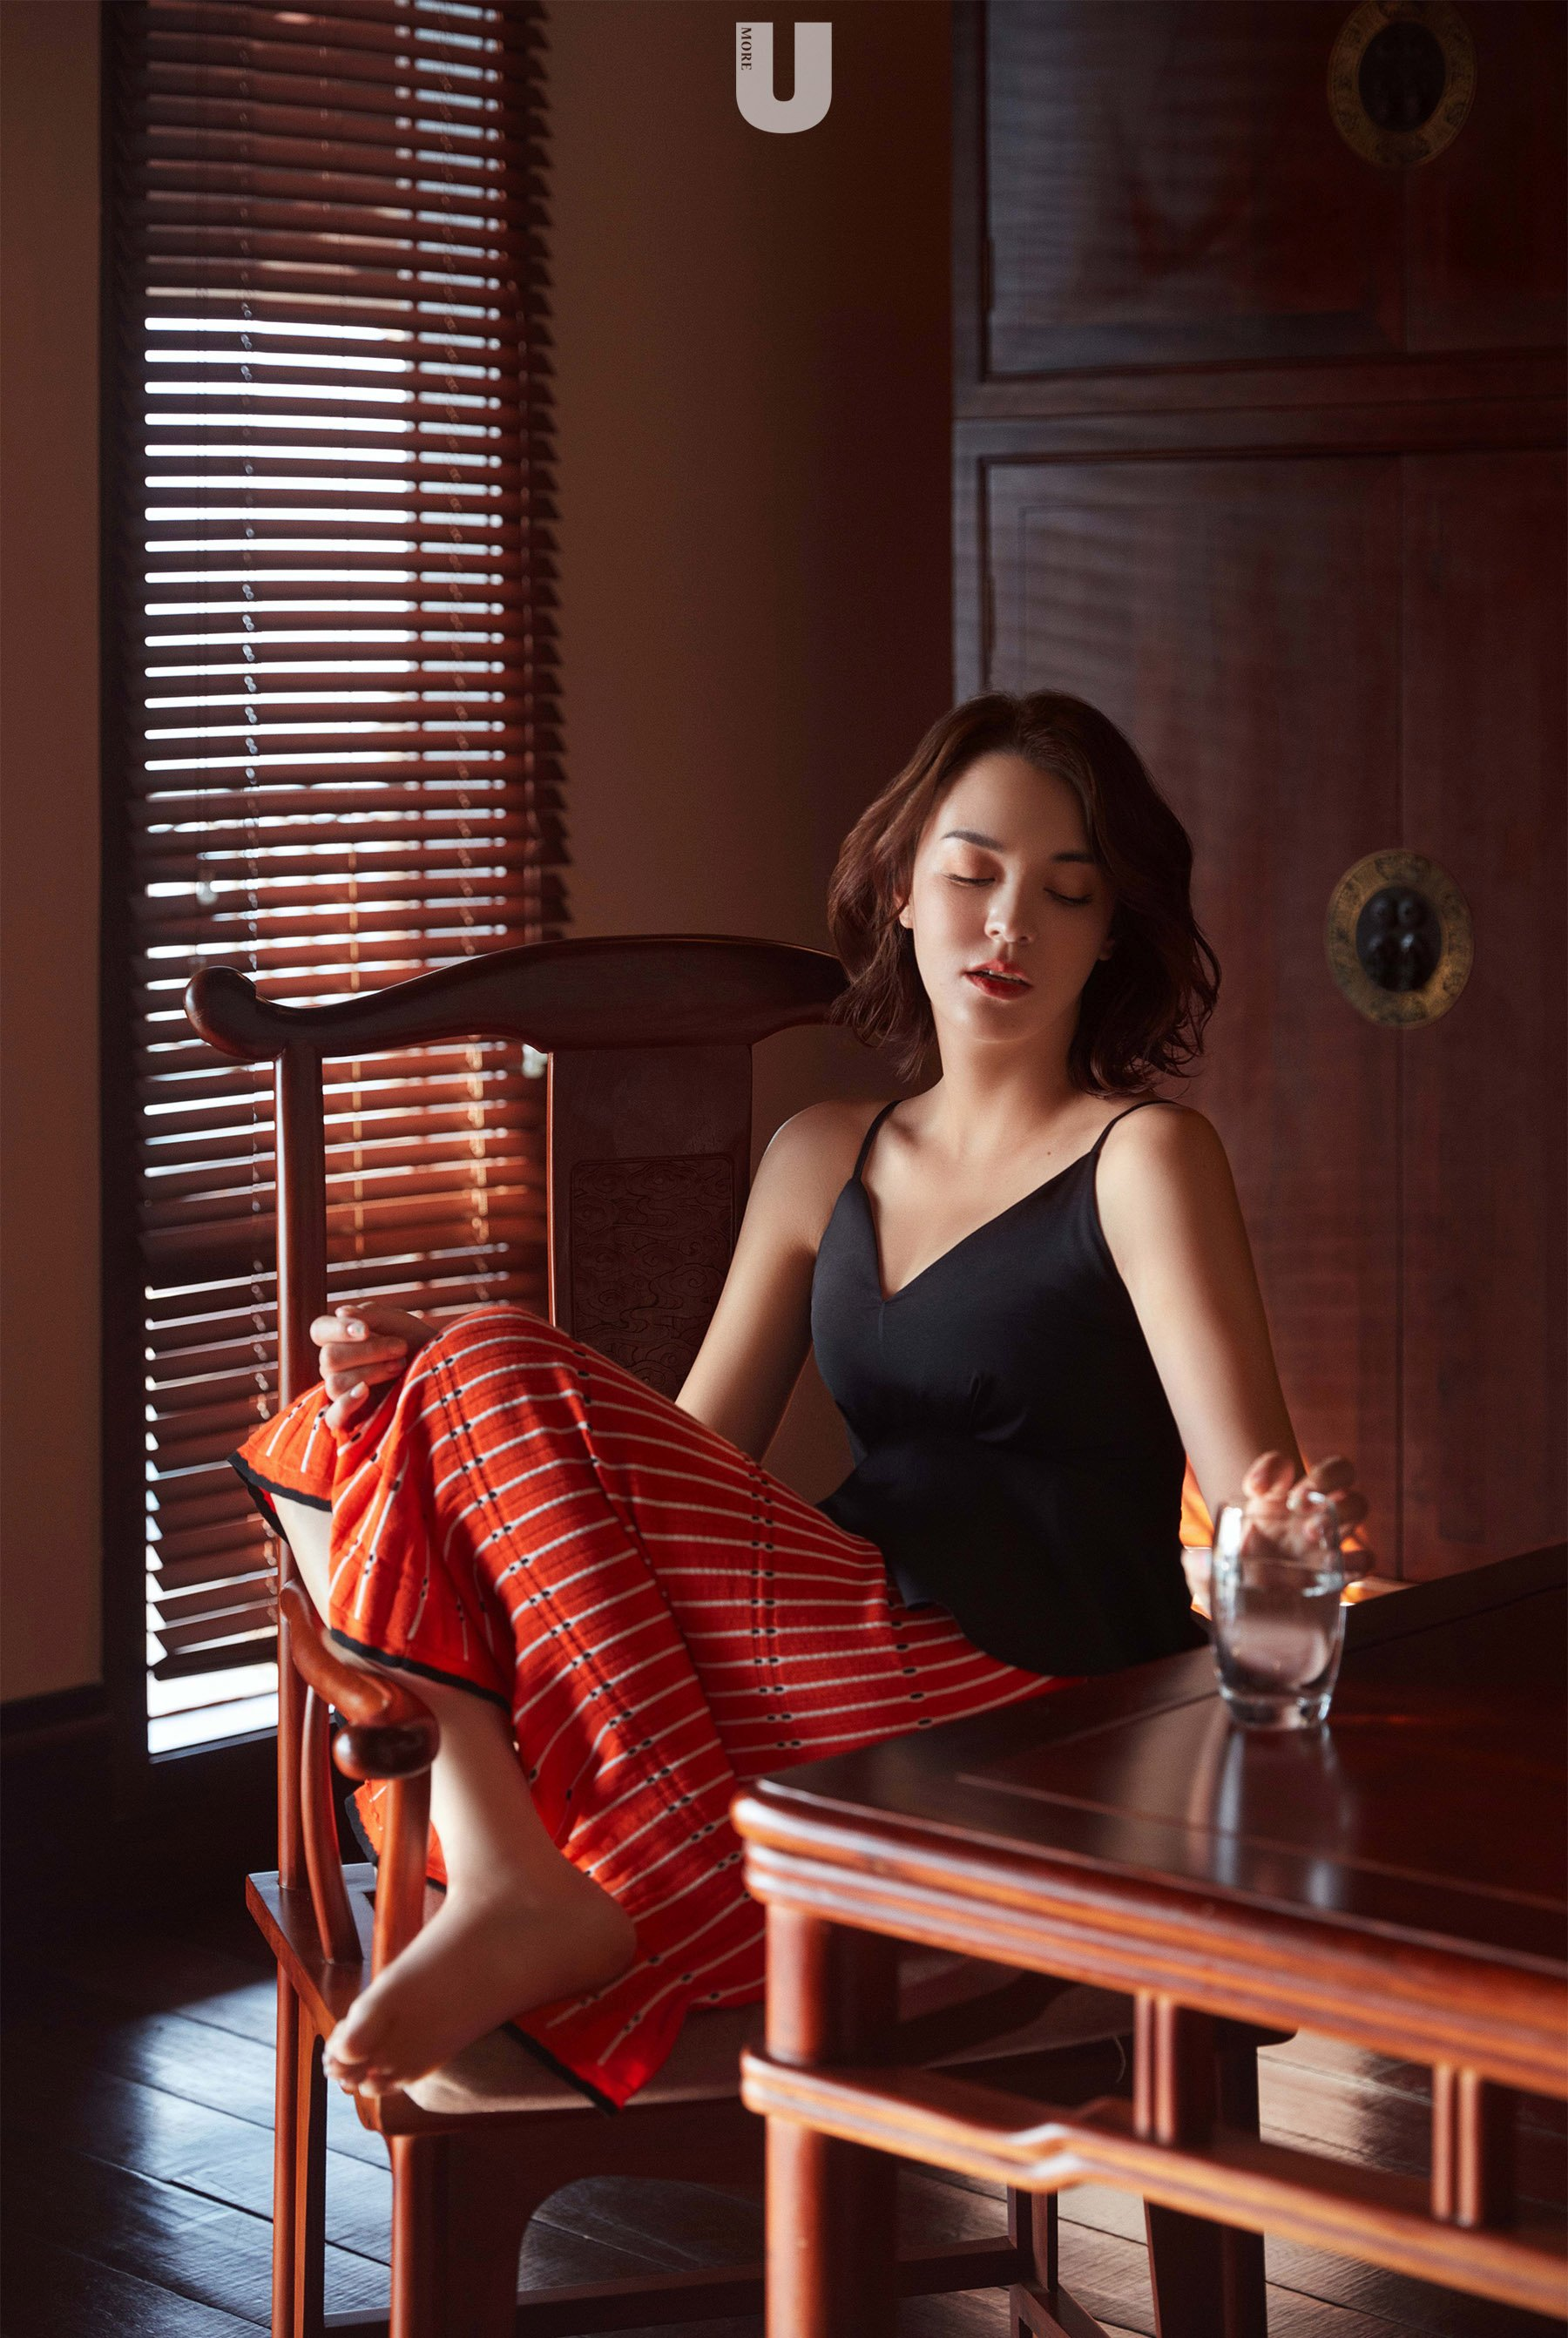 张榕容魅力风情大片写真图片